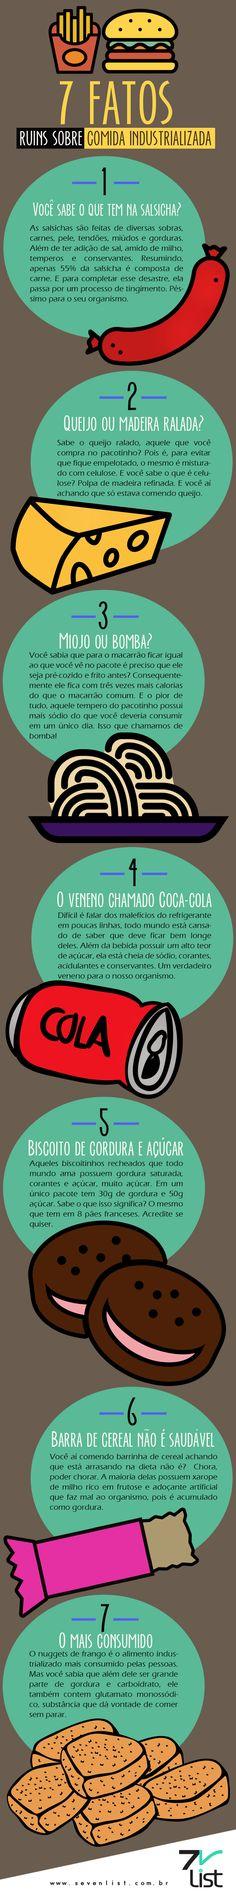 #Infográfico #Design #Lifestyle #Food #Comida #Fastfood #Alimentação #Saudável #Dieta #Saúde